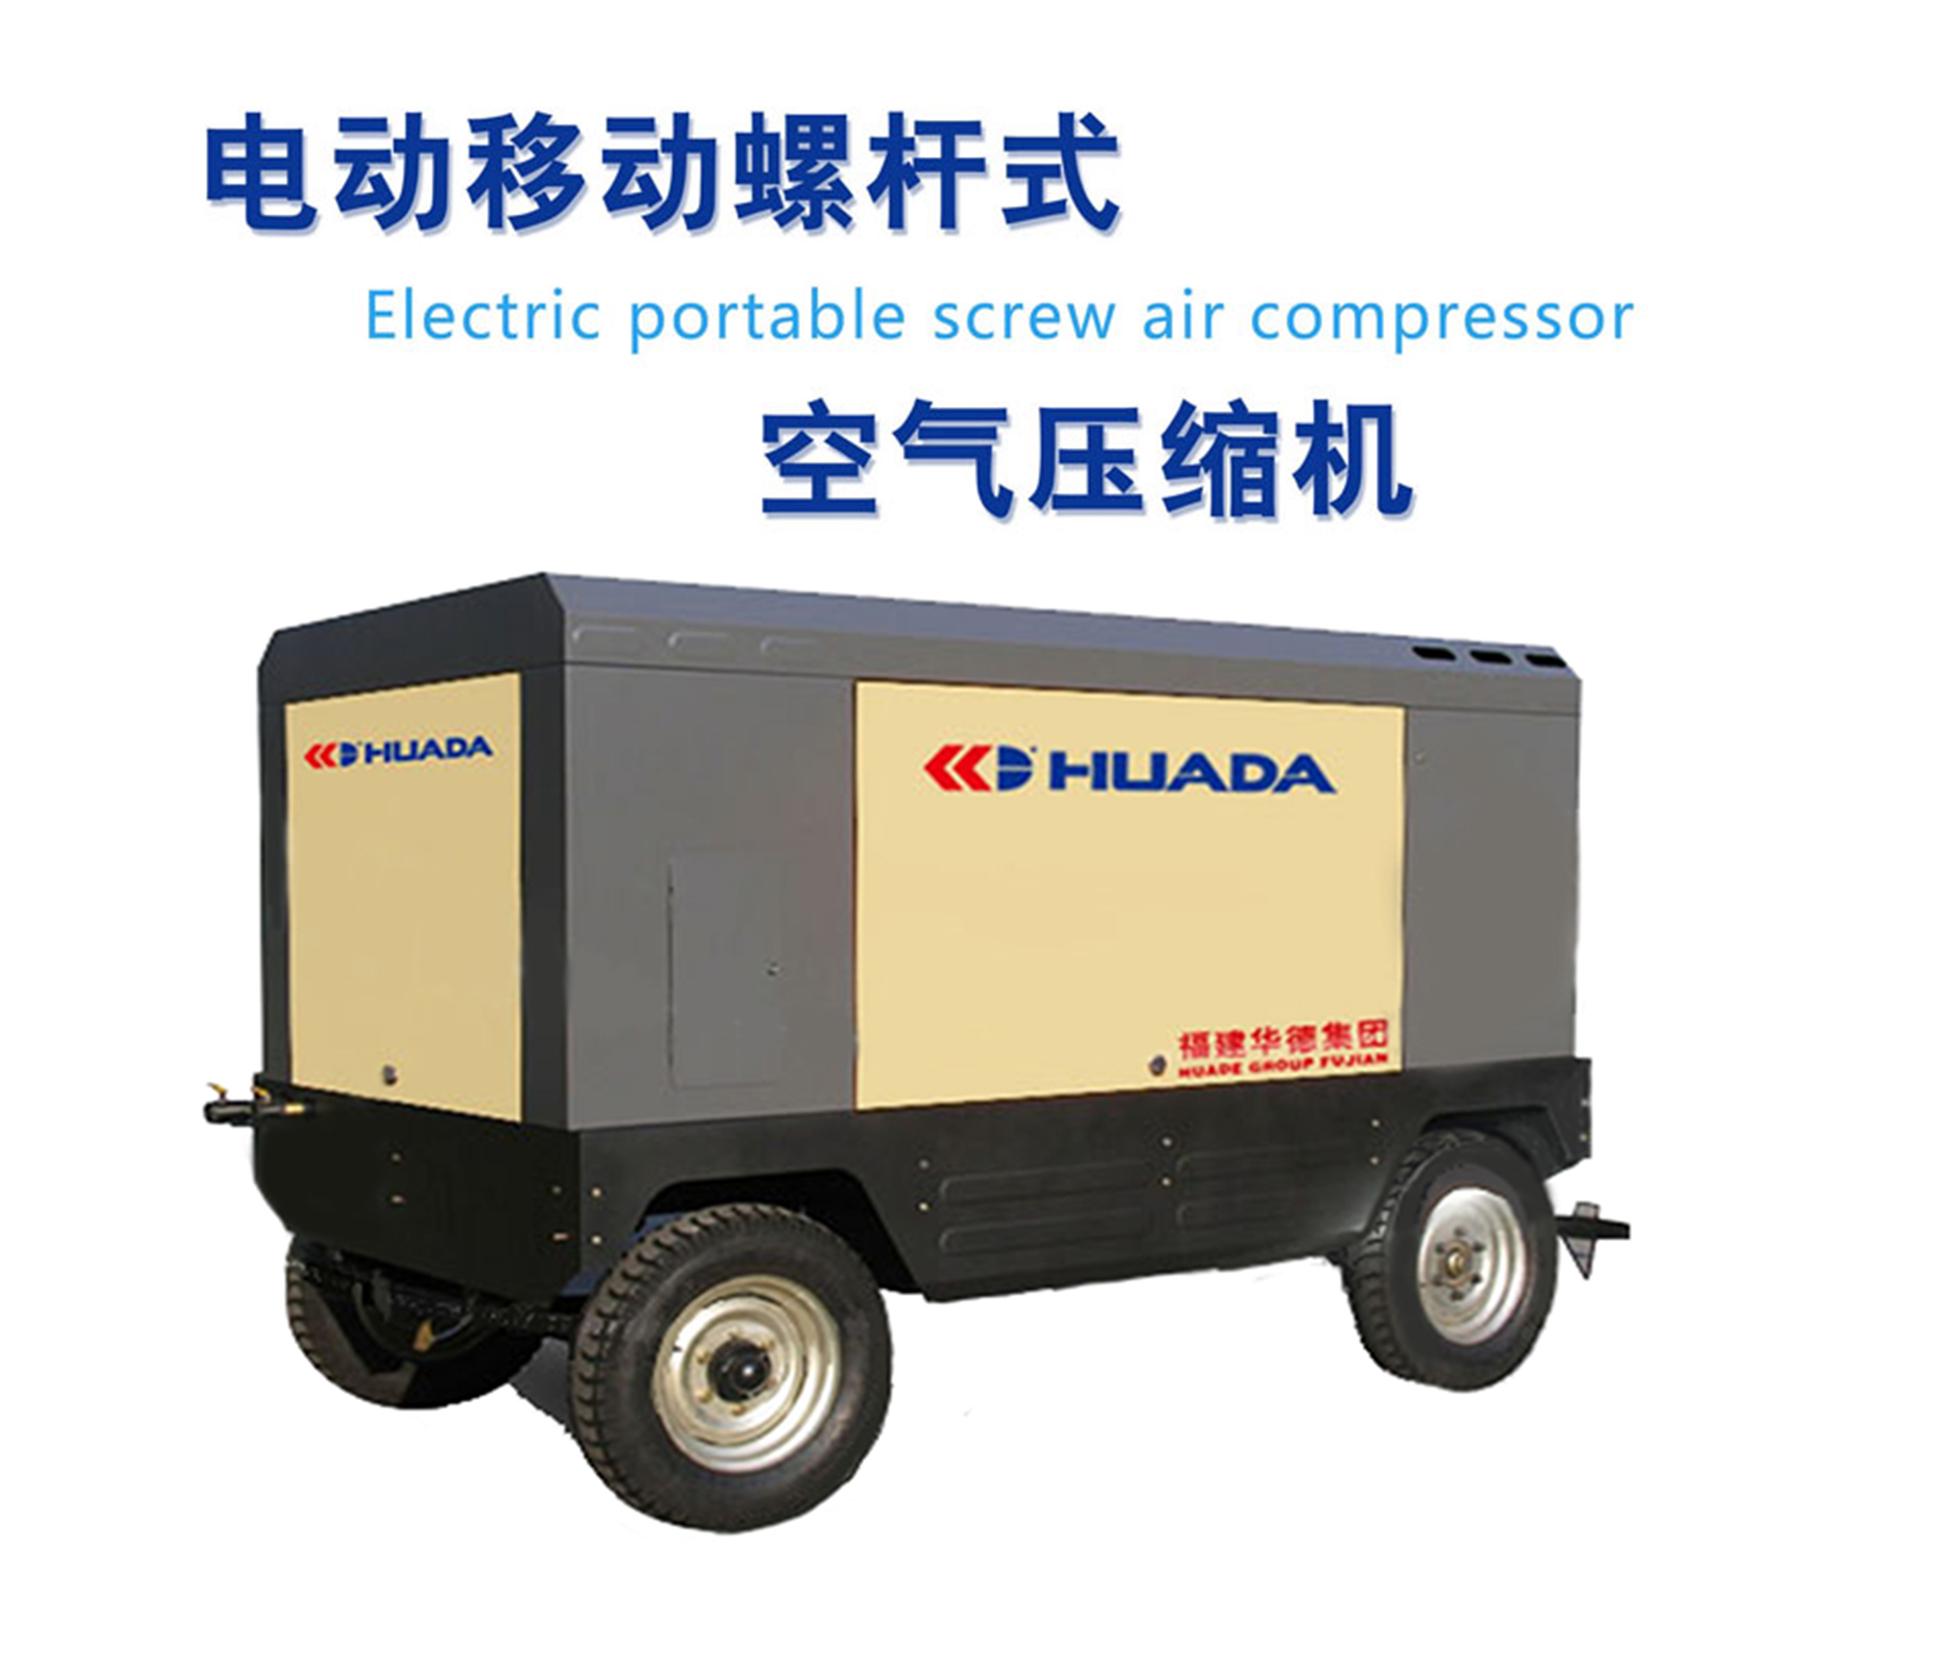 电动移动螺杆式空压缩机